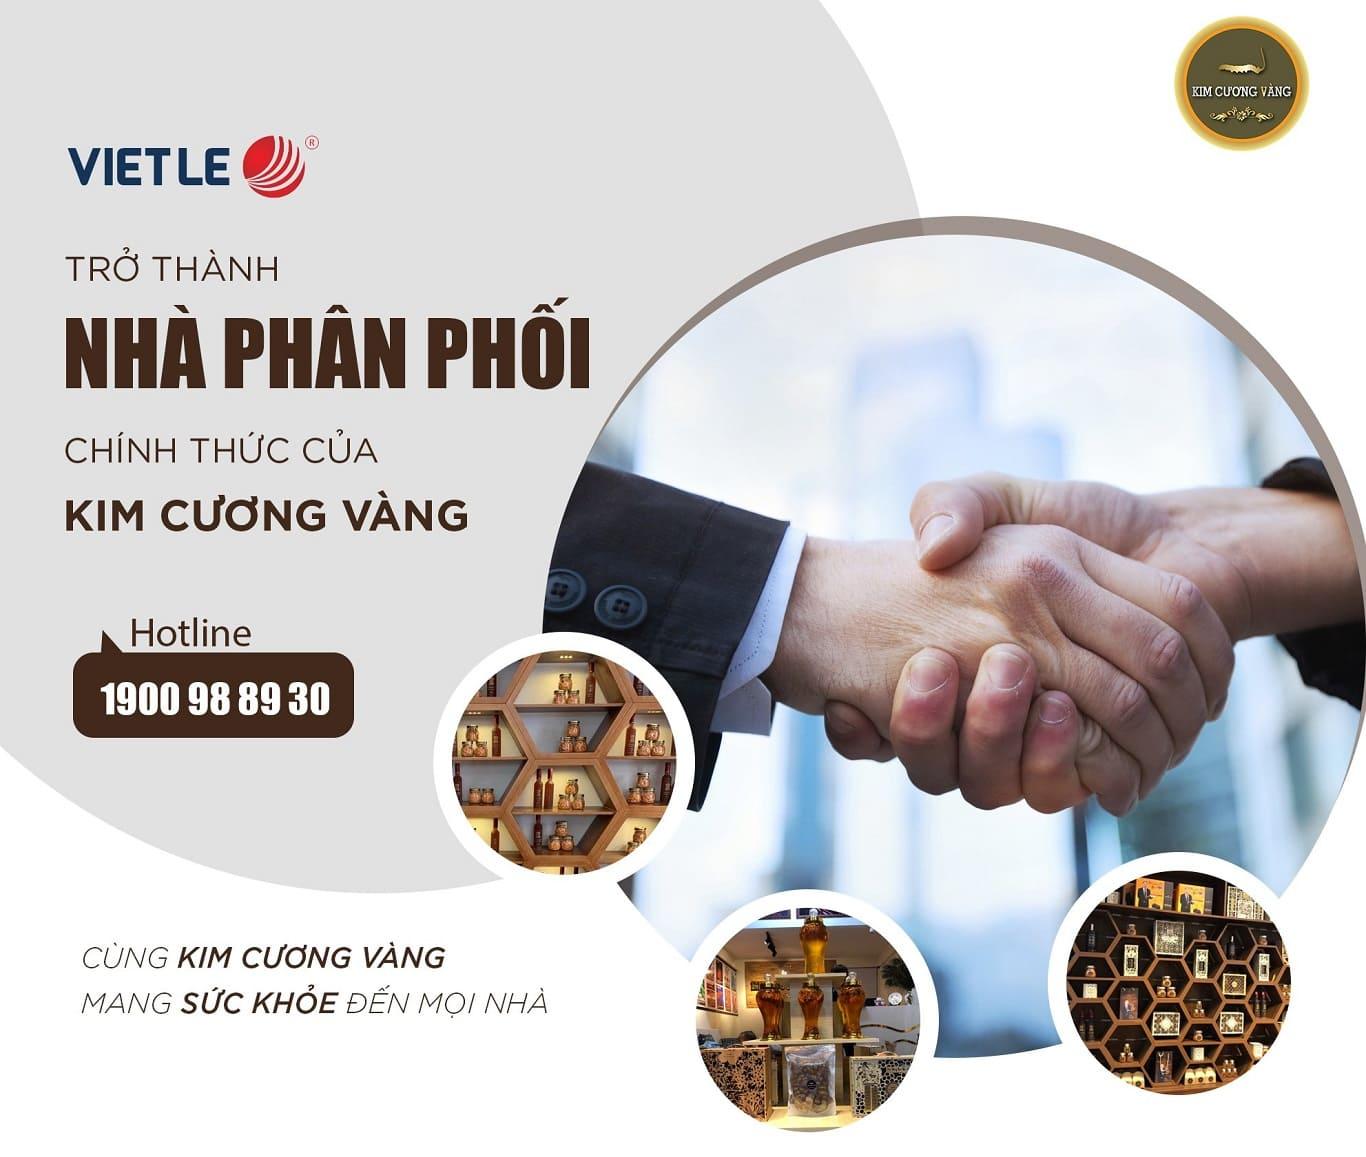 Việt Lê chính thức là đại lý phân phối sản phẩm Dược Thảo Kim Cương Vàng|đông trùng hạ thảo